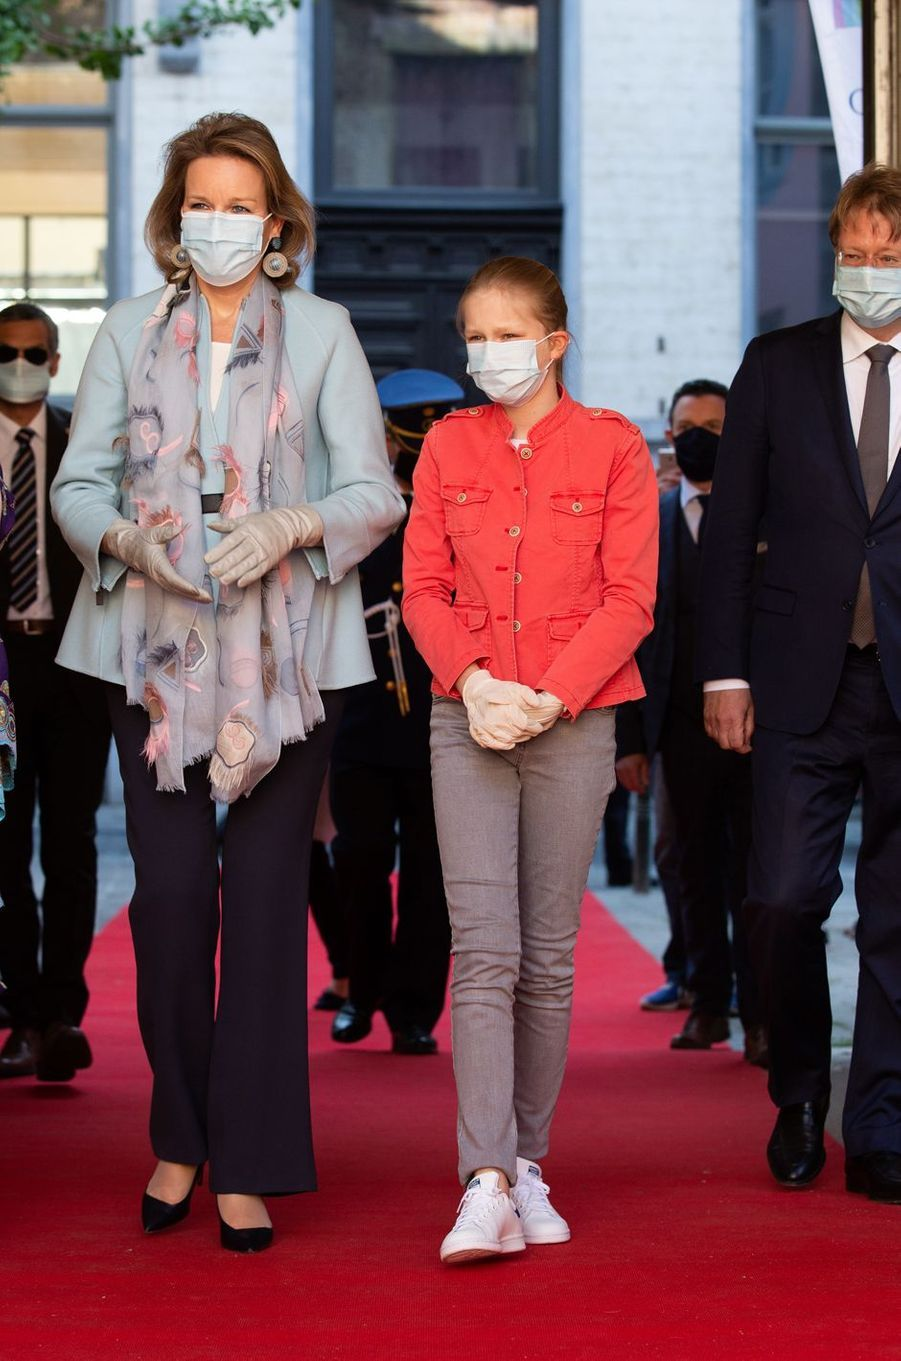 La reine des Belges Mathilde et la princesse Eléonore de Belgique à Bruxelles, le 14 mai 2020